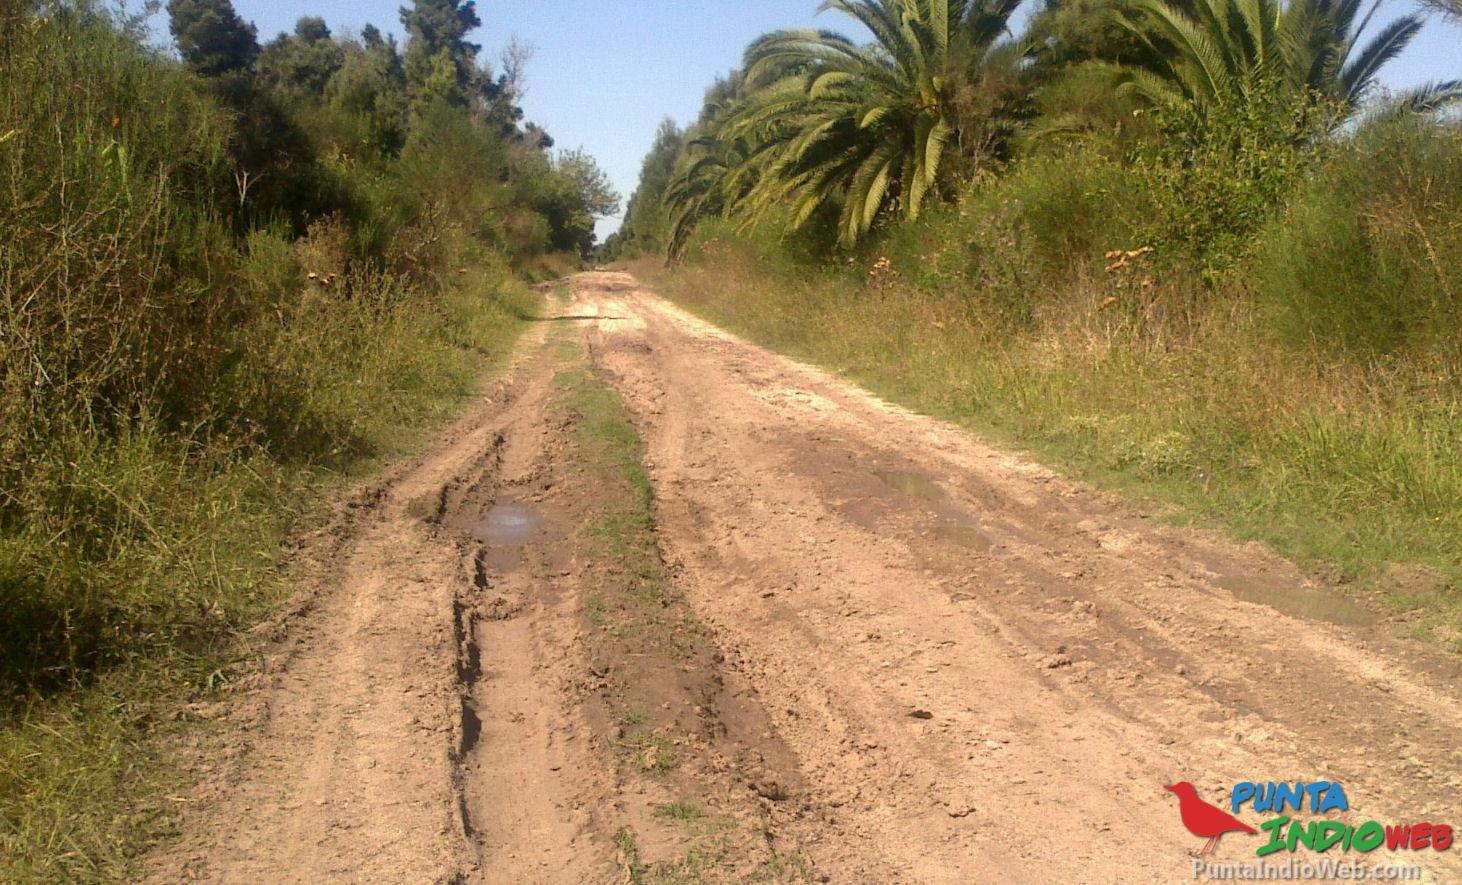 circunvalacion 5ta verónica caminos rurales 2